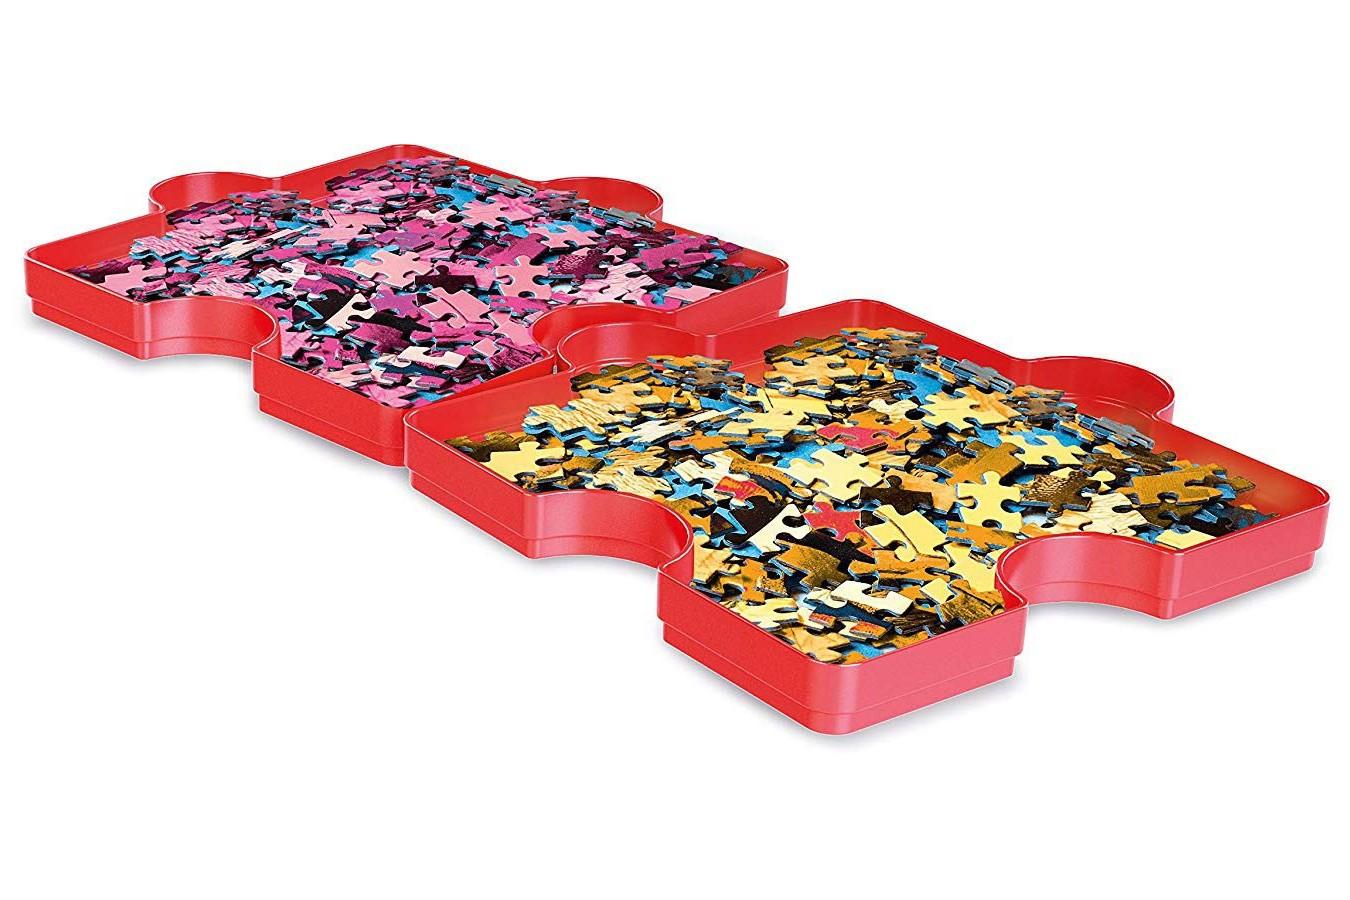 Cutii pentru sortat puzzle Clementoni, 6 buc imagine